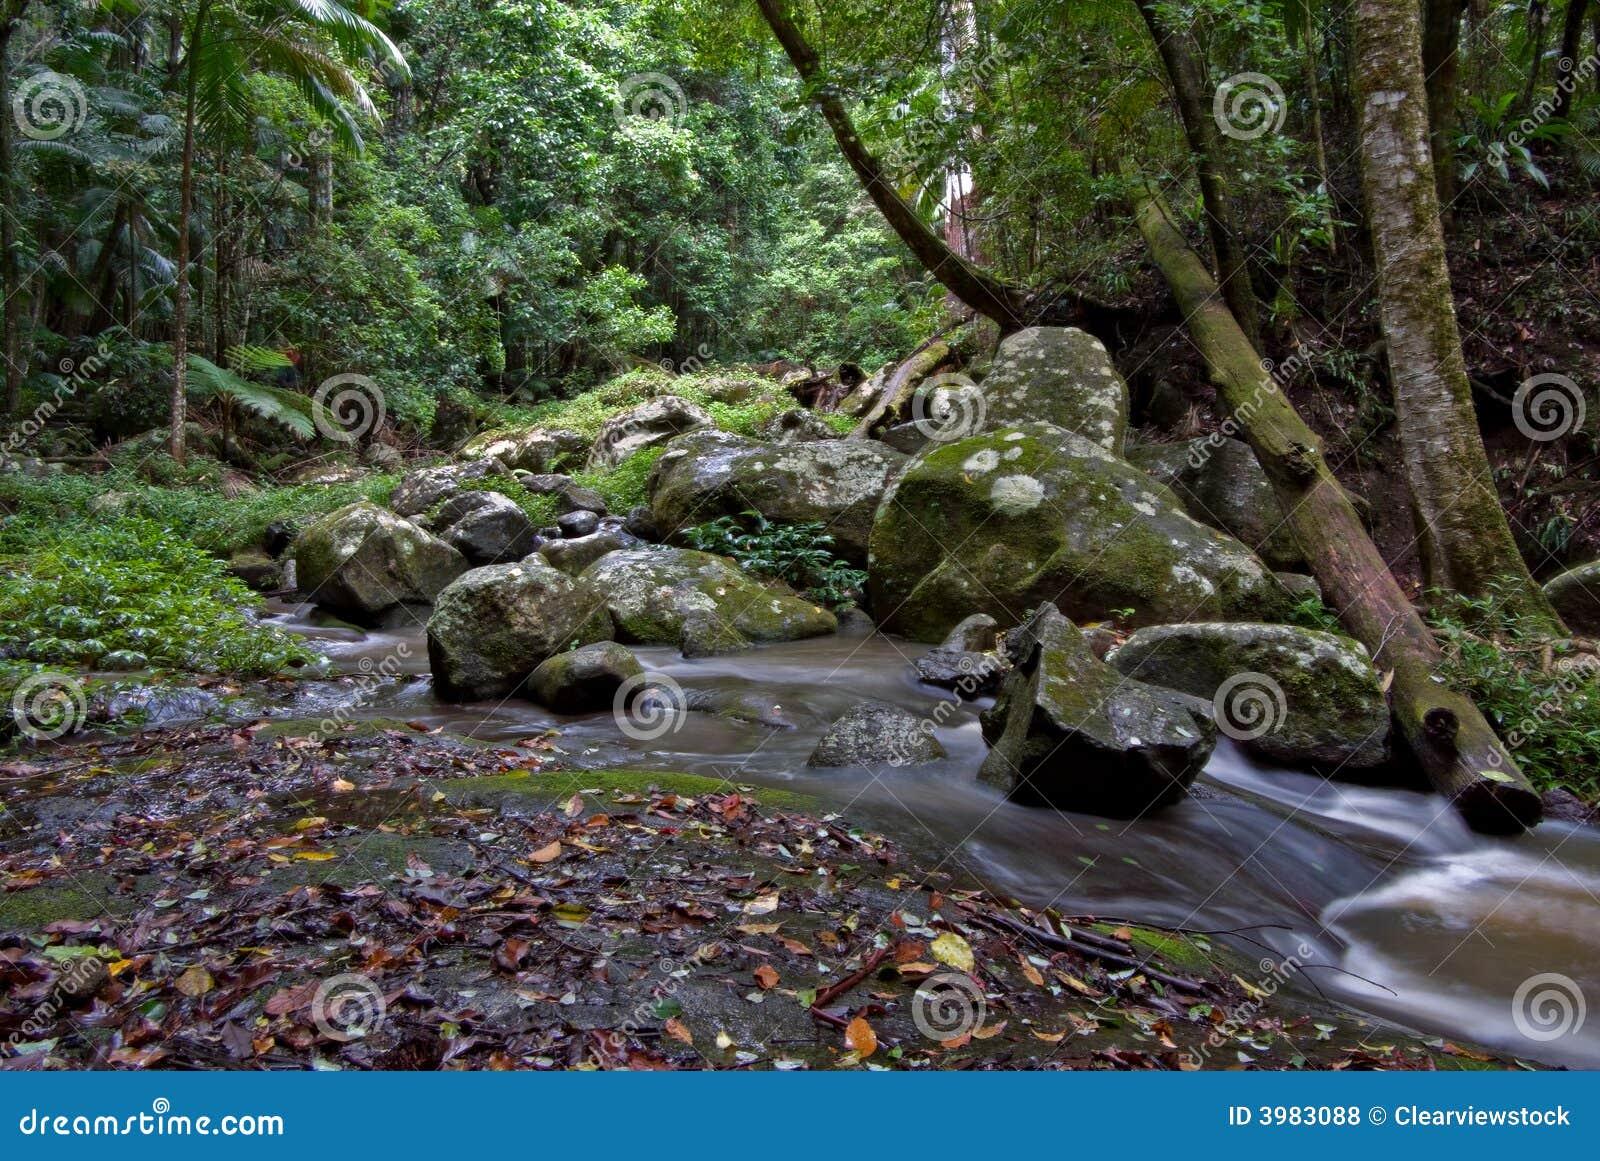 RegenBäume des Waldes und Strom